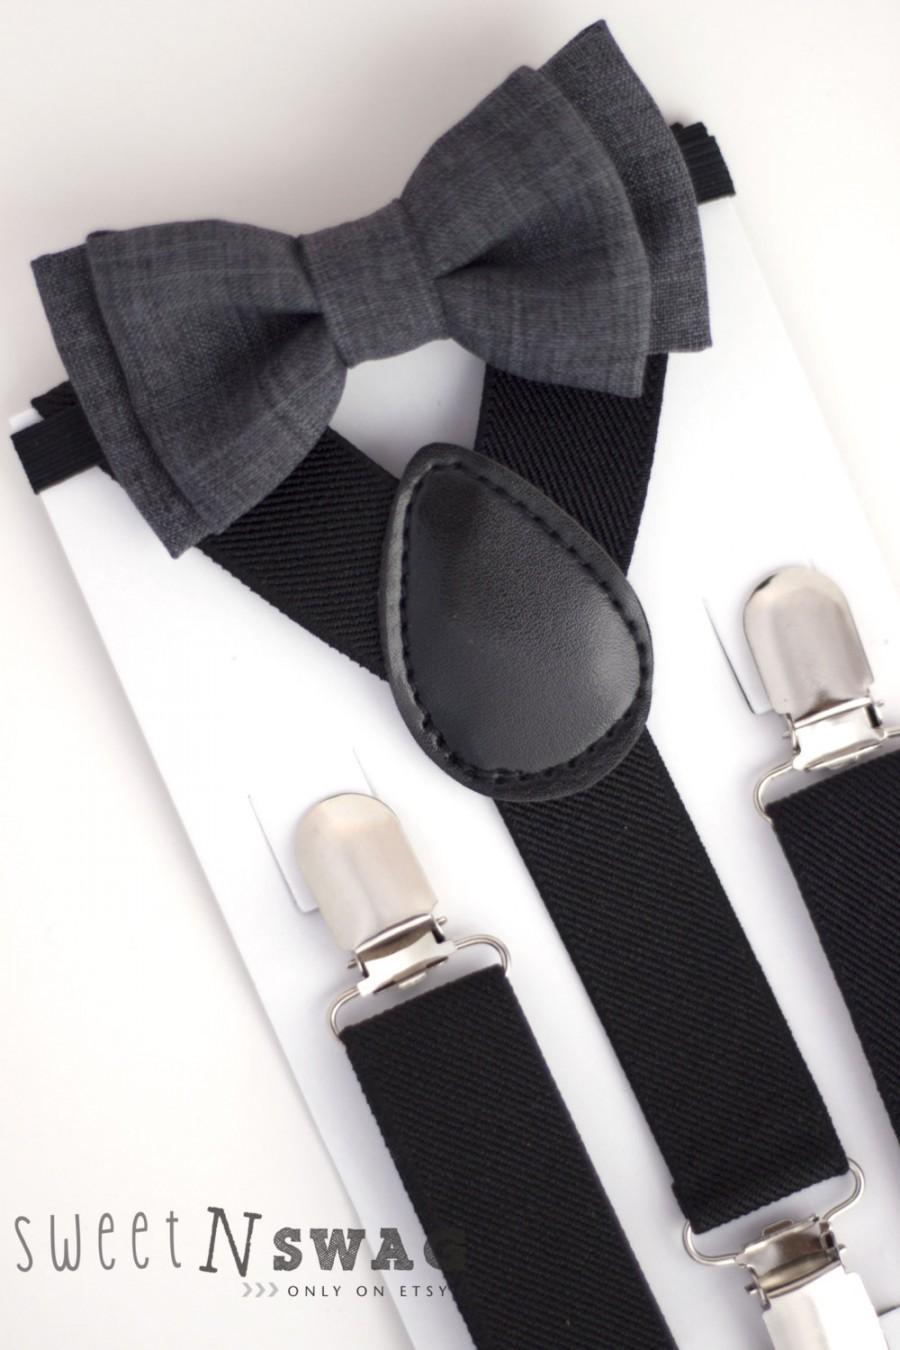 Mariage - SUSPENDER & BOWTIE SET.  Newborn - Adult sizes. Black Suspenders. Dark grey chambray bow tie.